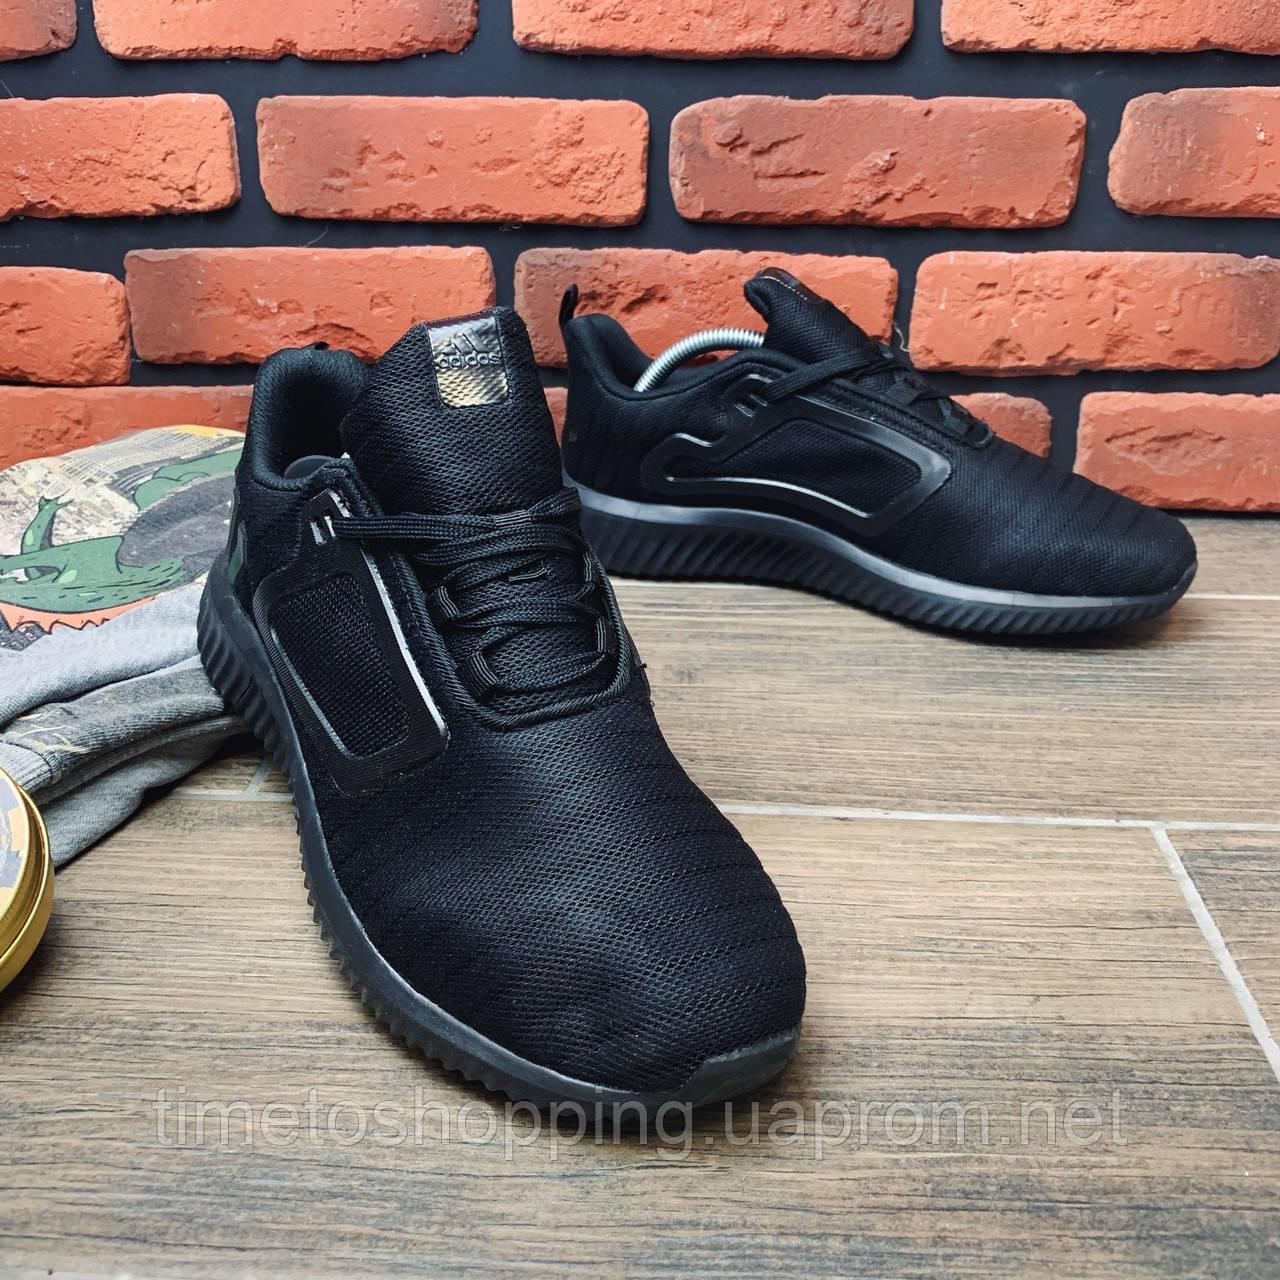 Кроссовки Adidas Climacool M 30782 ⏩ [ ТОЛЬКО 43.44 РАЗМЕР]